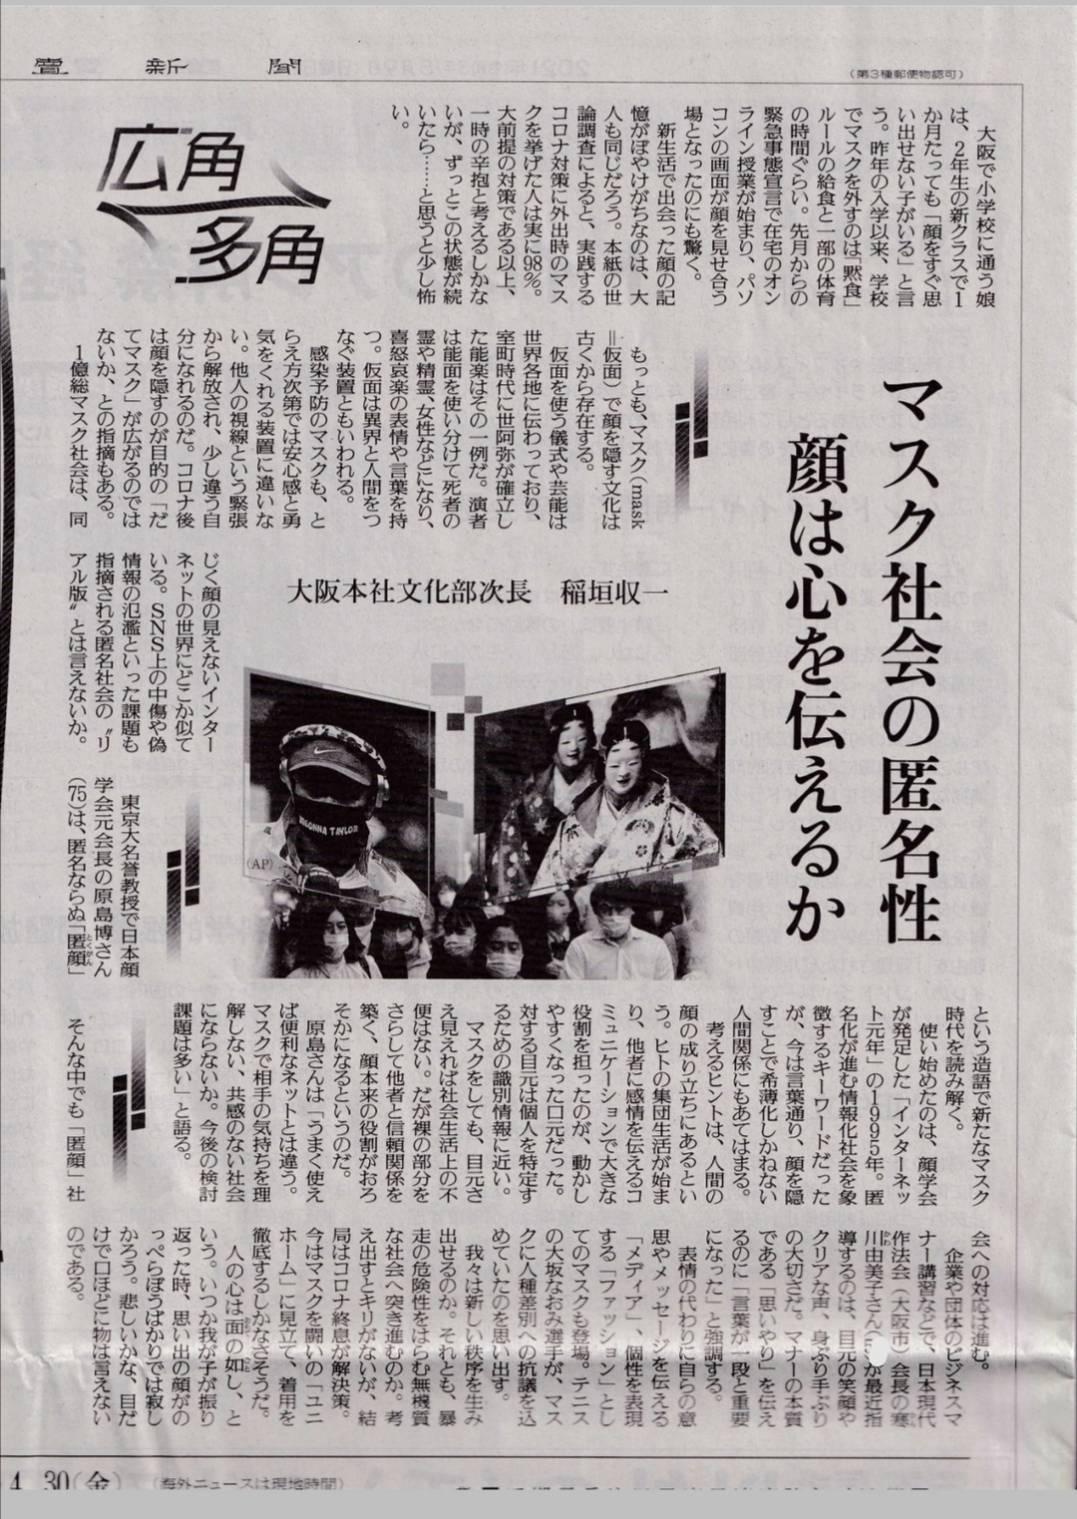 読売新聞に寒川由美子会長が登場!「マスク社会のマナー」